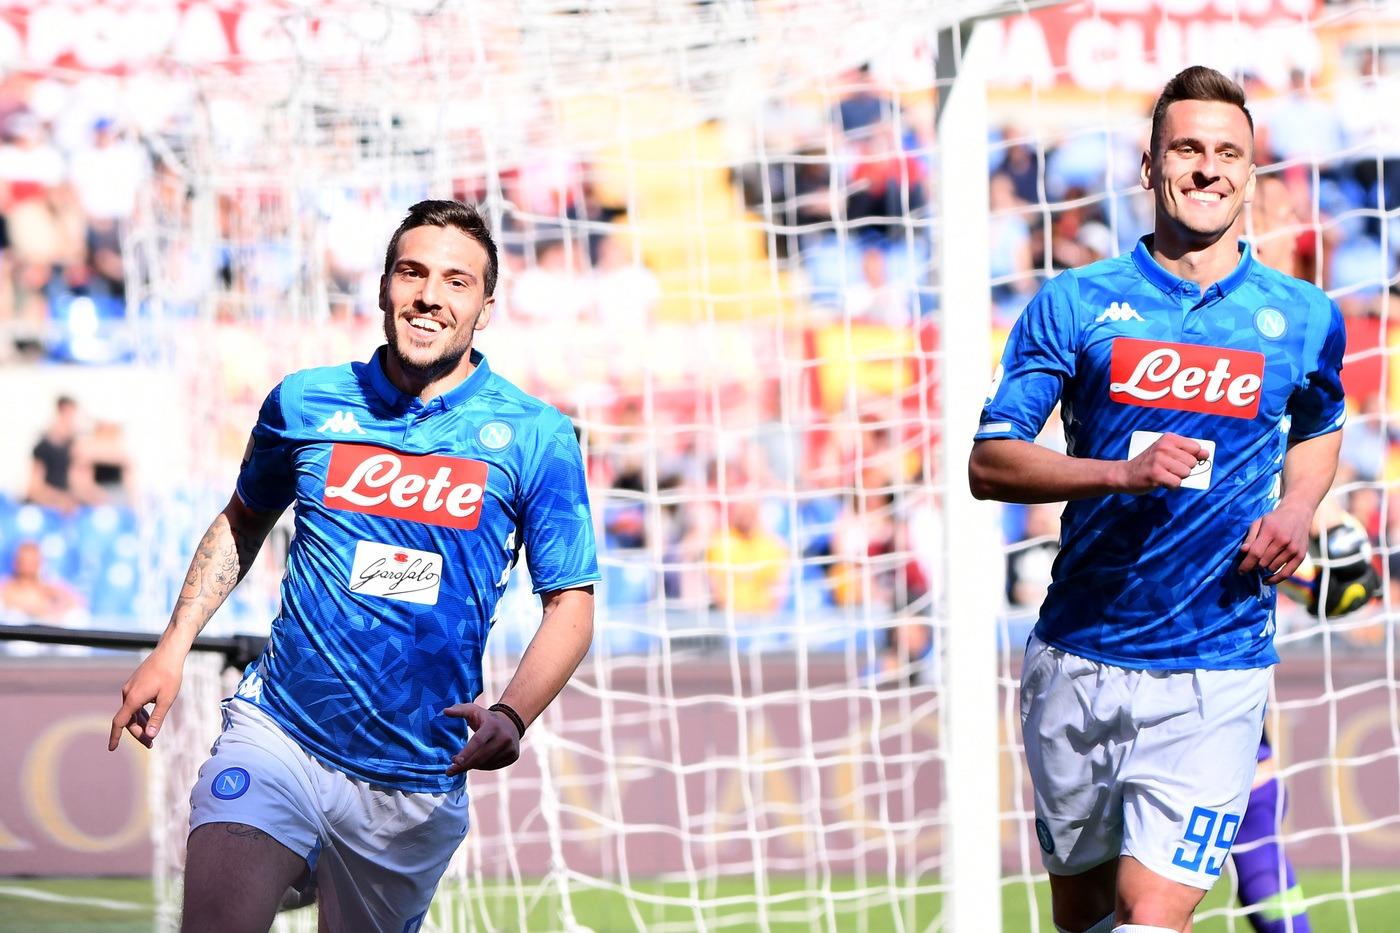 Europa League, Napoli-Arsenal giovedì 18 aprile: analisi e pronostico del ritorno dei quarti della manifestazione europea